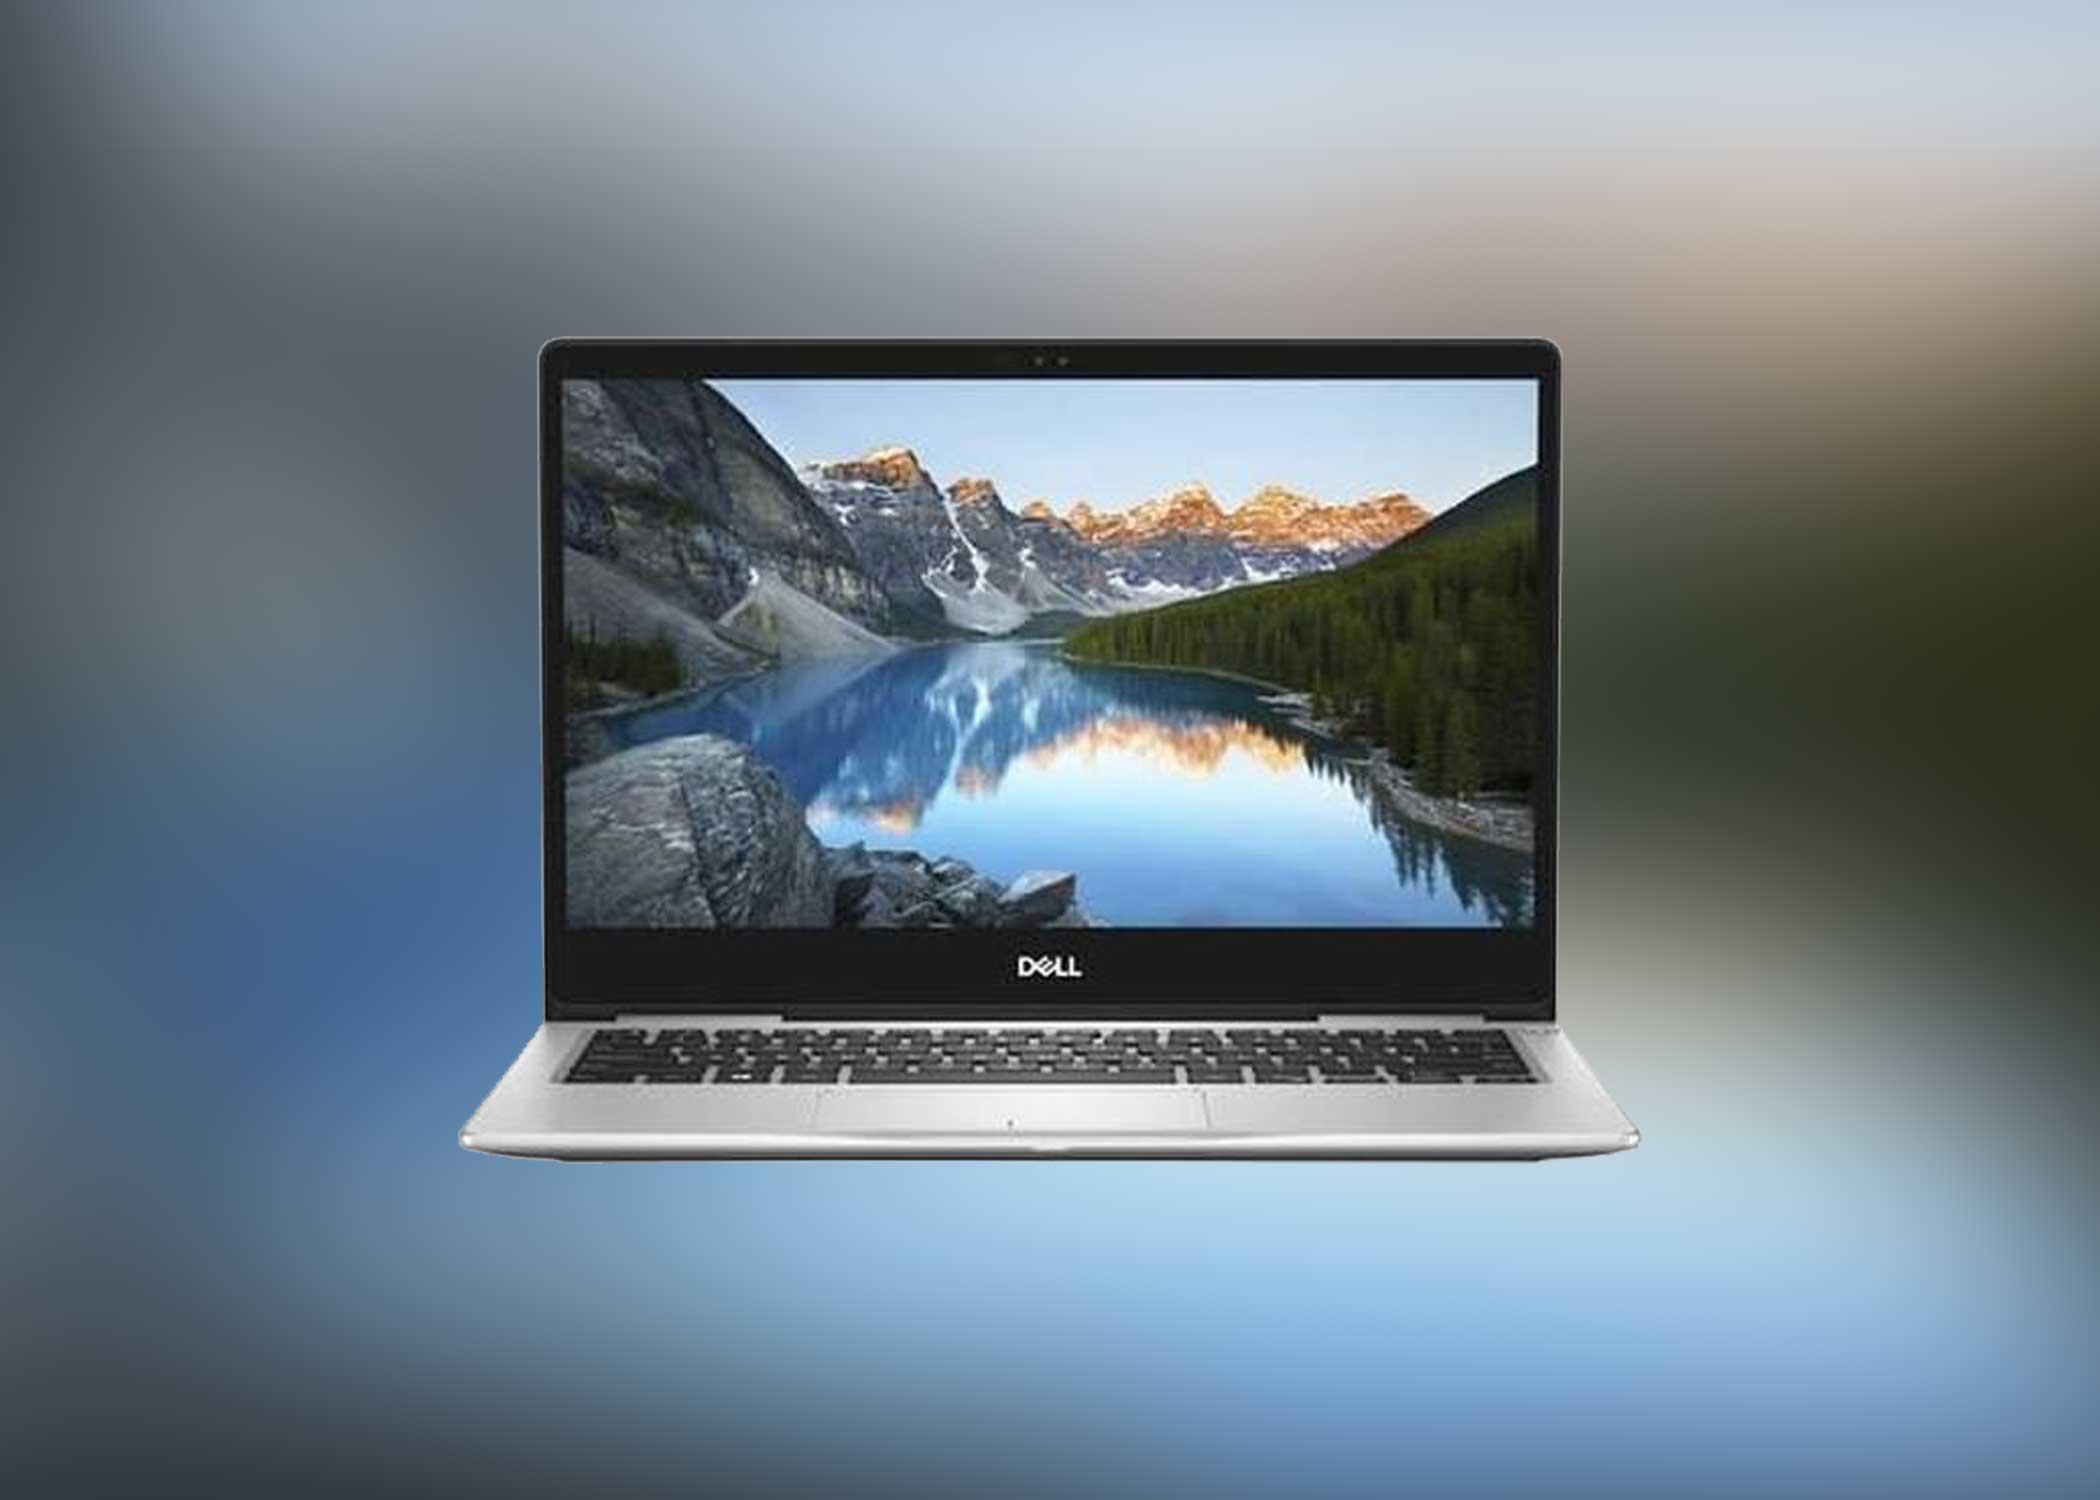 🔥 Bon plan : le PC ultraportable Dell Inspiron 13 pouces avec un Intel Core i7 et 8 Go de RAM à 679 euros chez Cdiscount